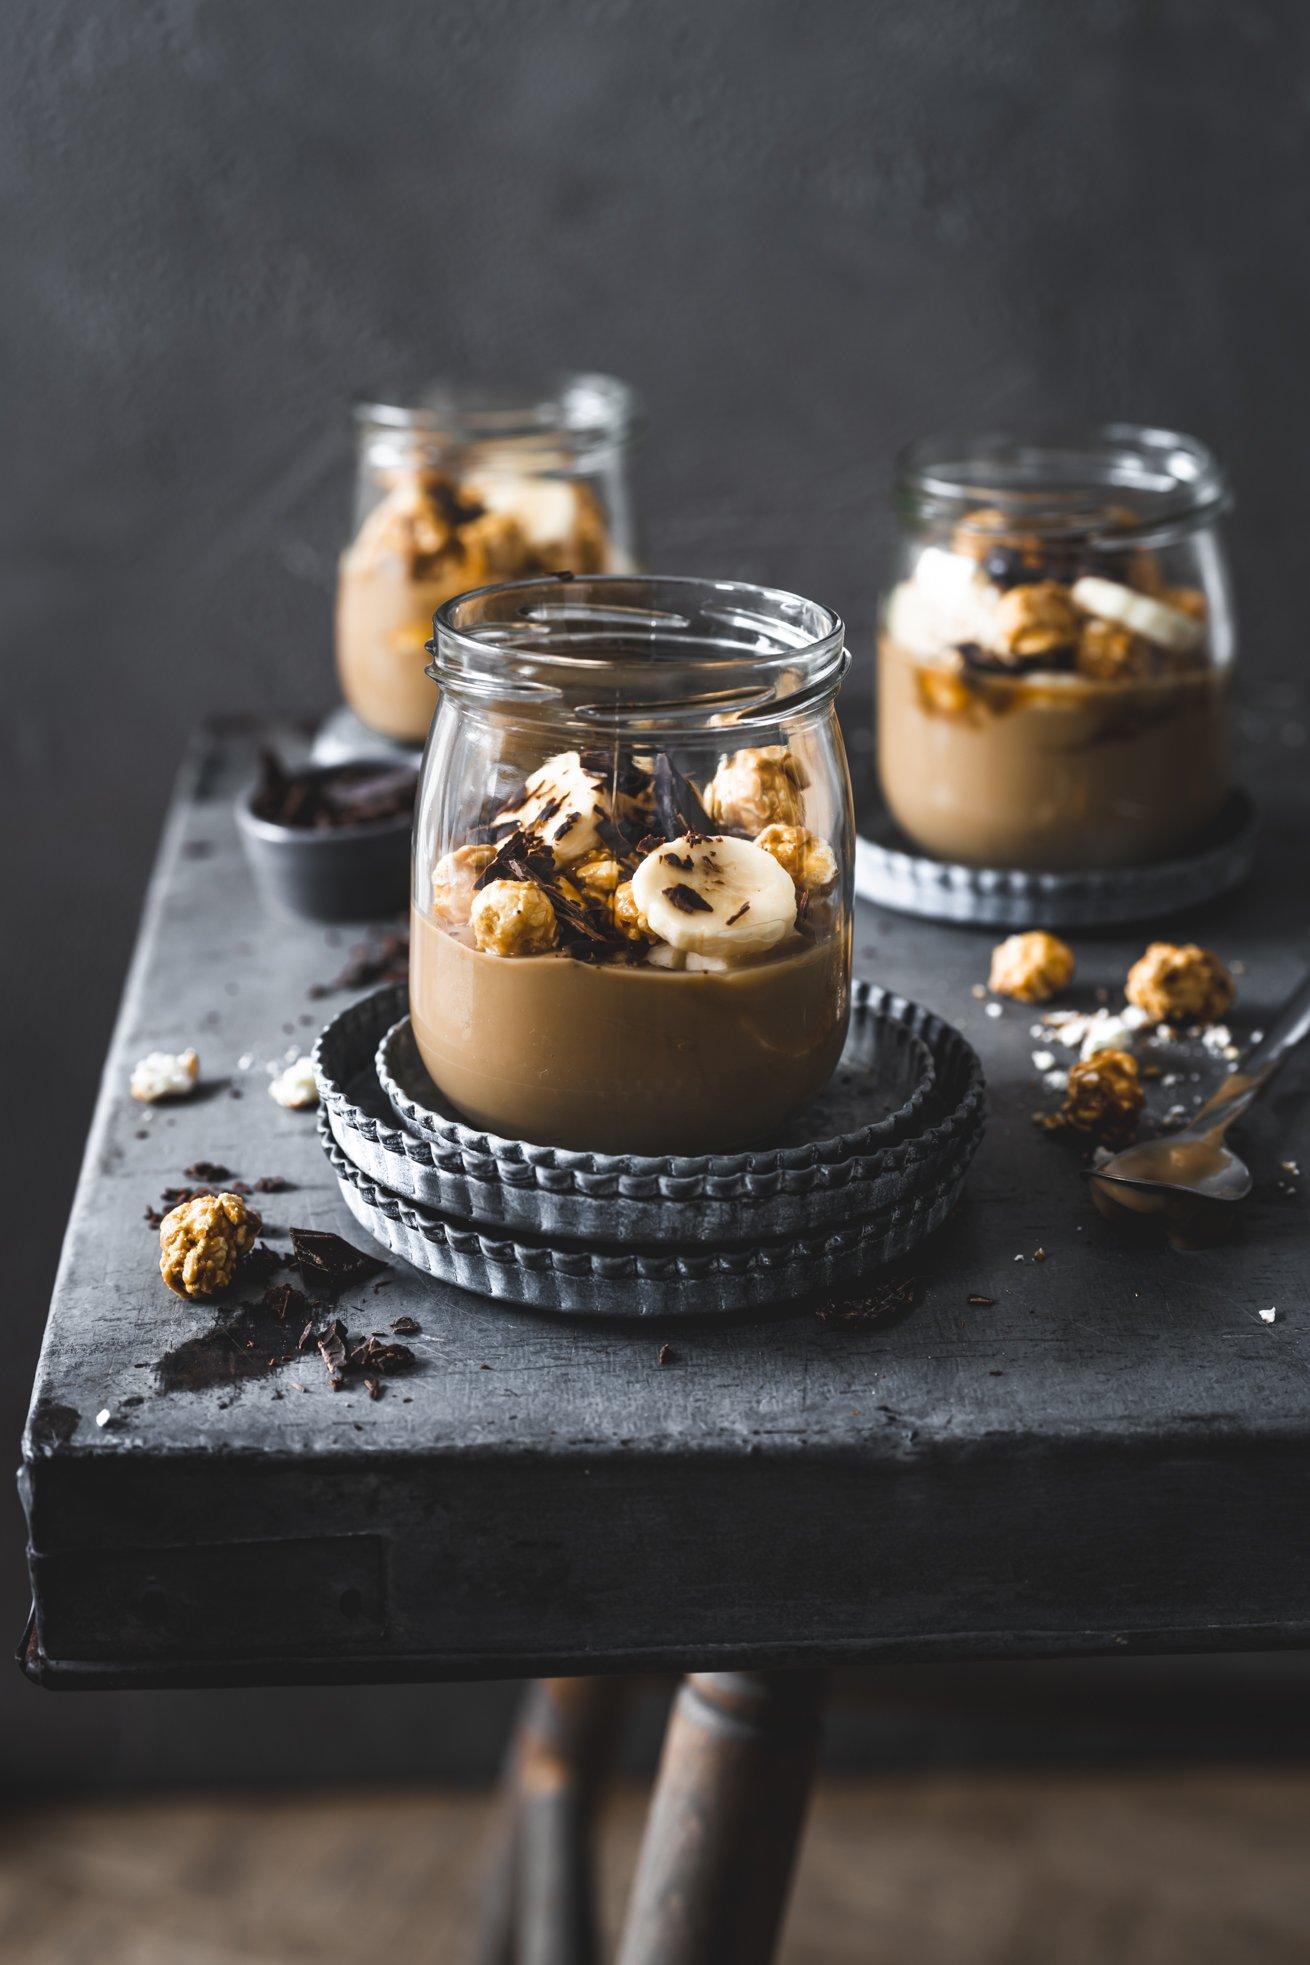 Banoffee Pie Dessert